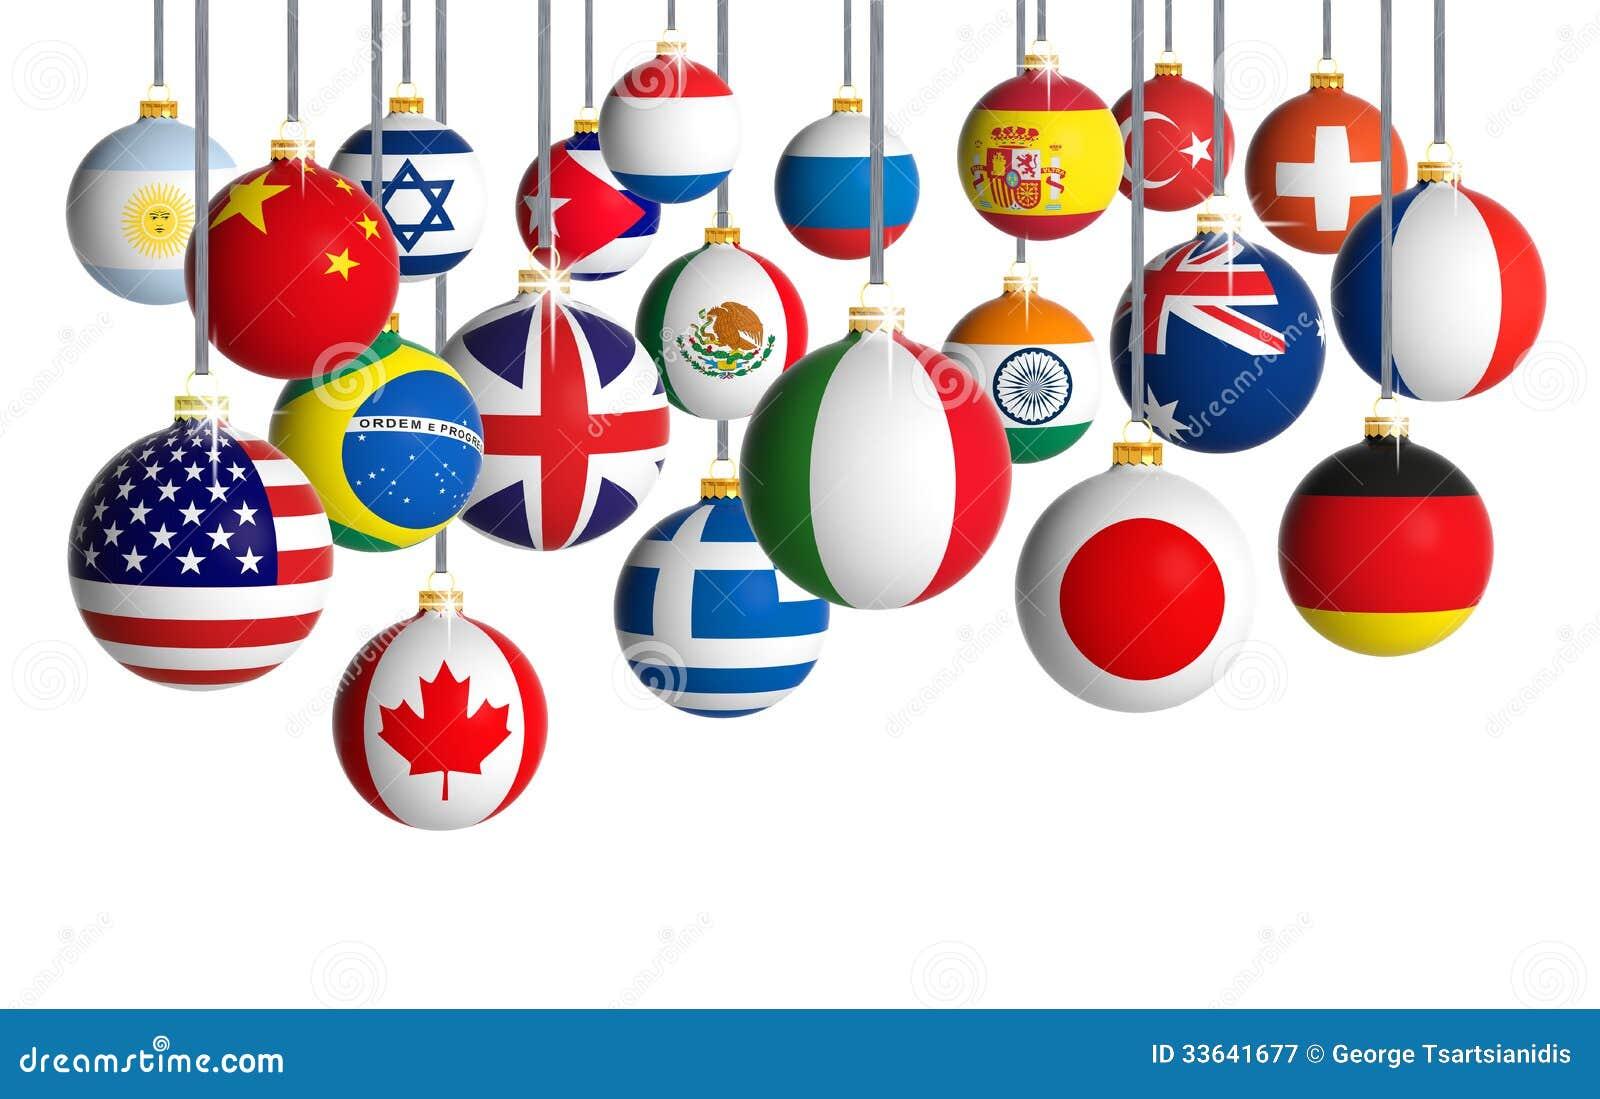 Bolas do Natal com bandeiras diferentes